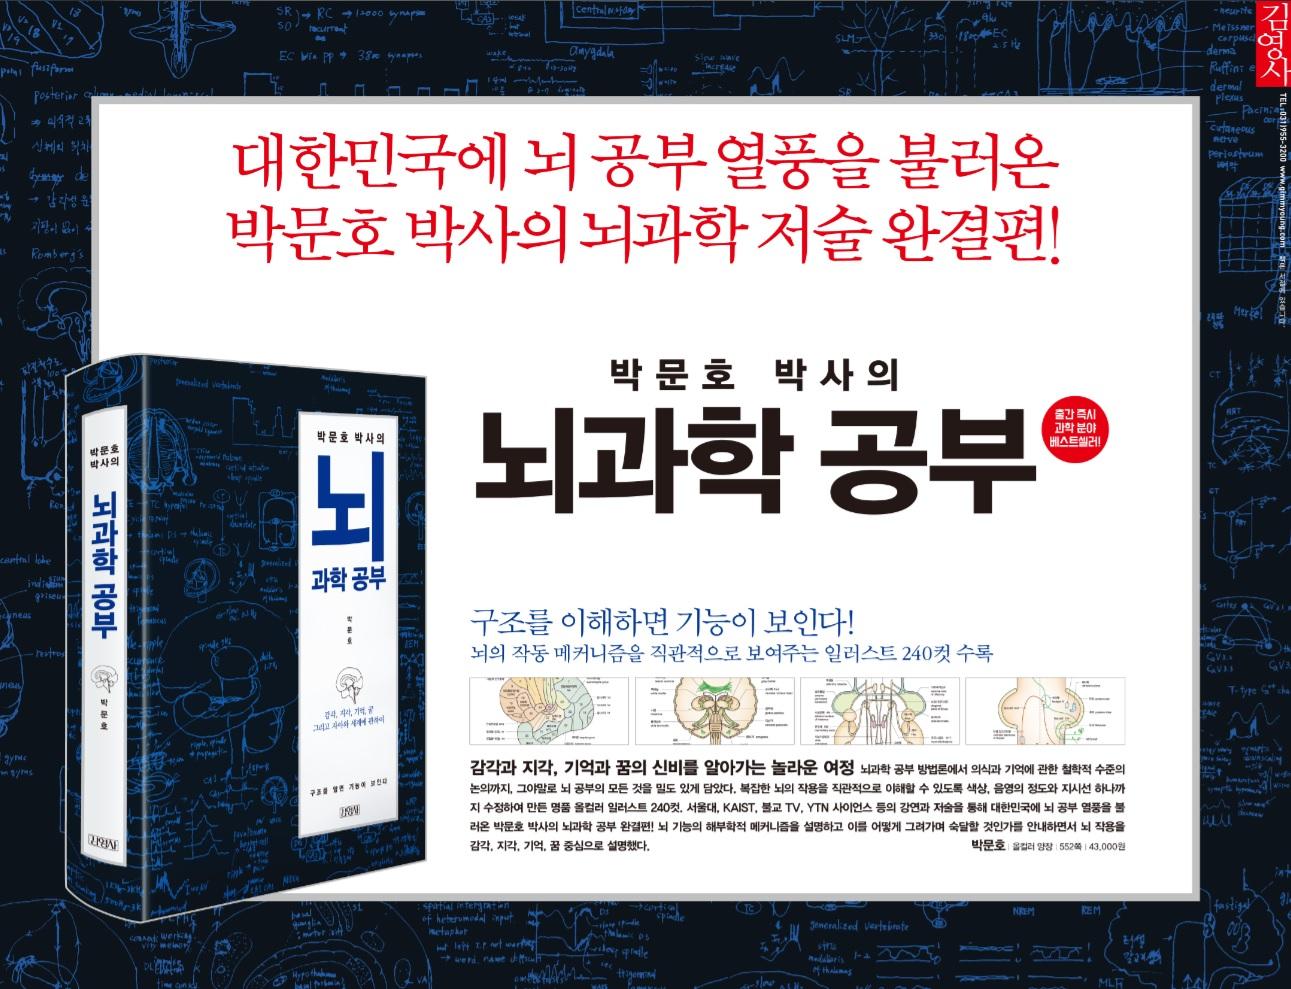 171128_조선일보전면광고(용량조정).jpg